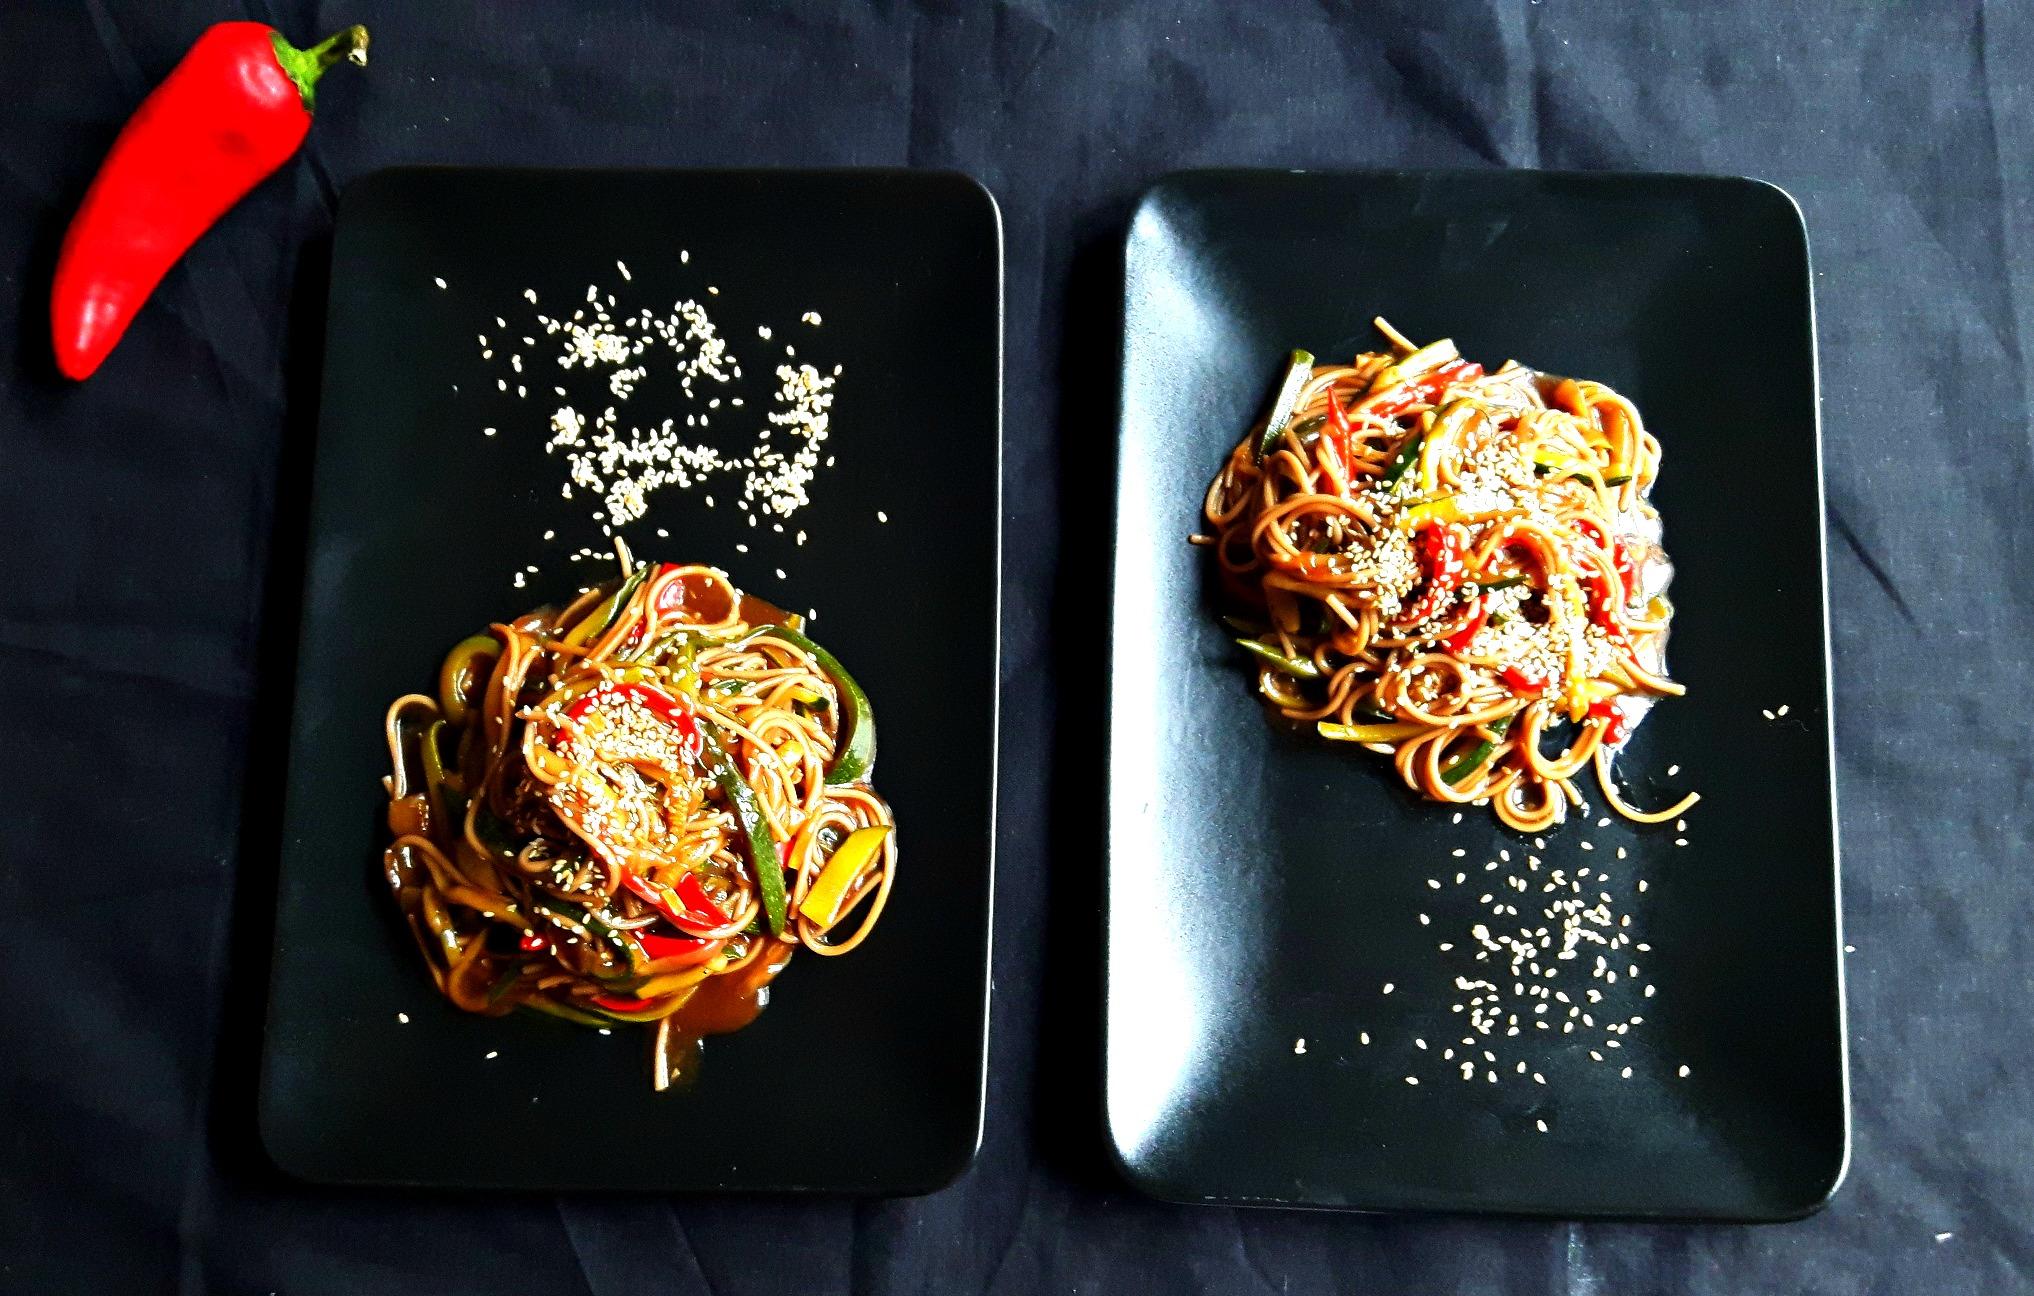 Azi călătorim în ASIA cu soba și zucchini noodles în sos dulce-acrișor